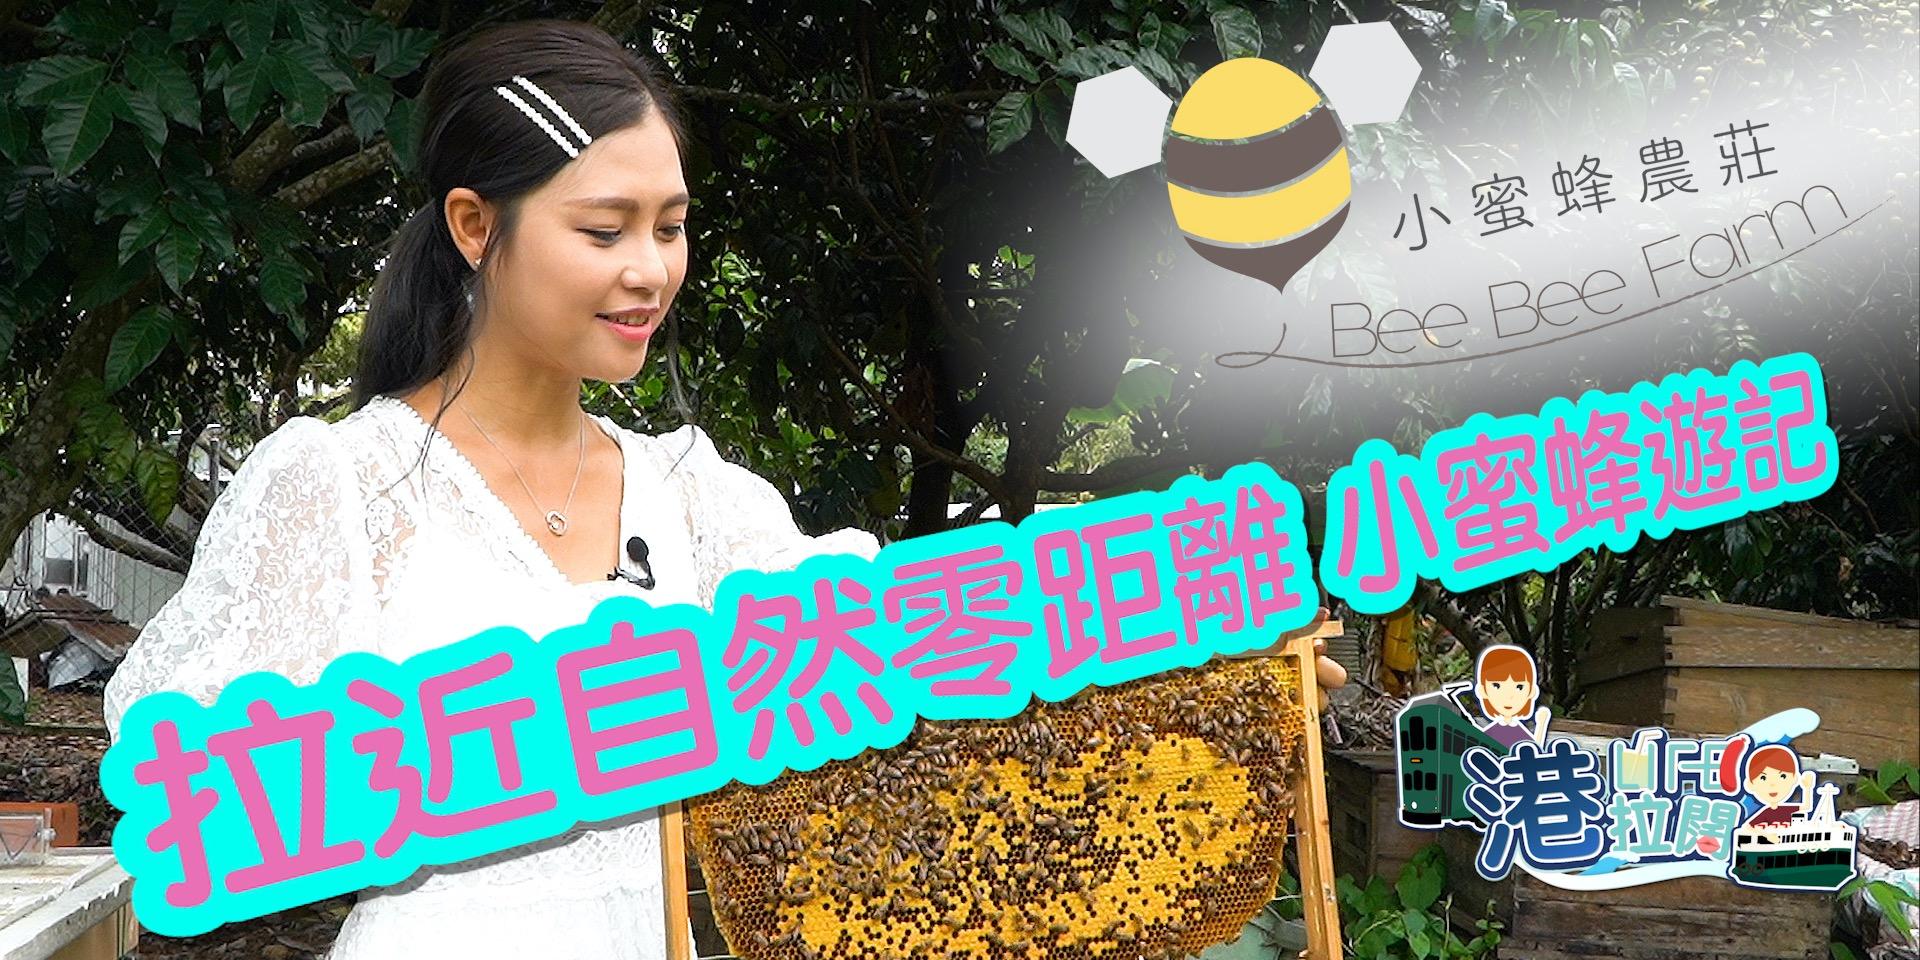 港・拉闊 Ep10 | 逃離繁囂好去處!讓人樂而忘返的小蜜蜂農莊